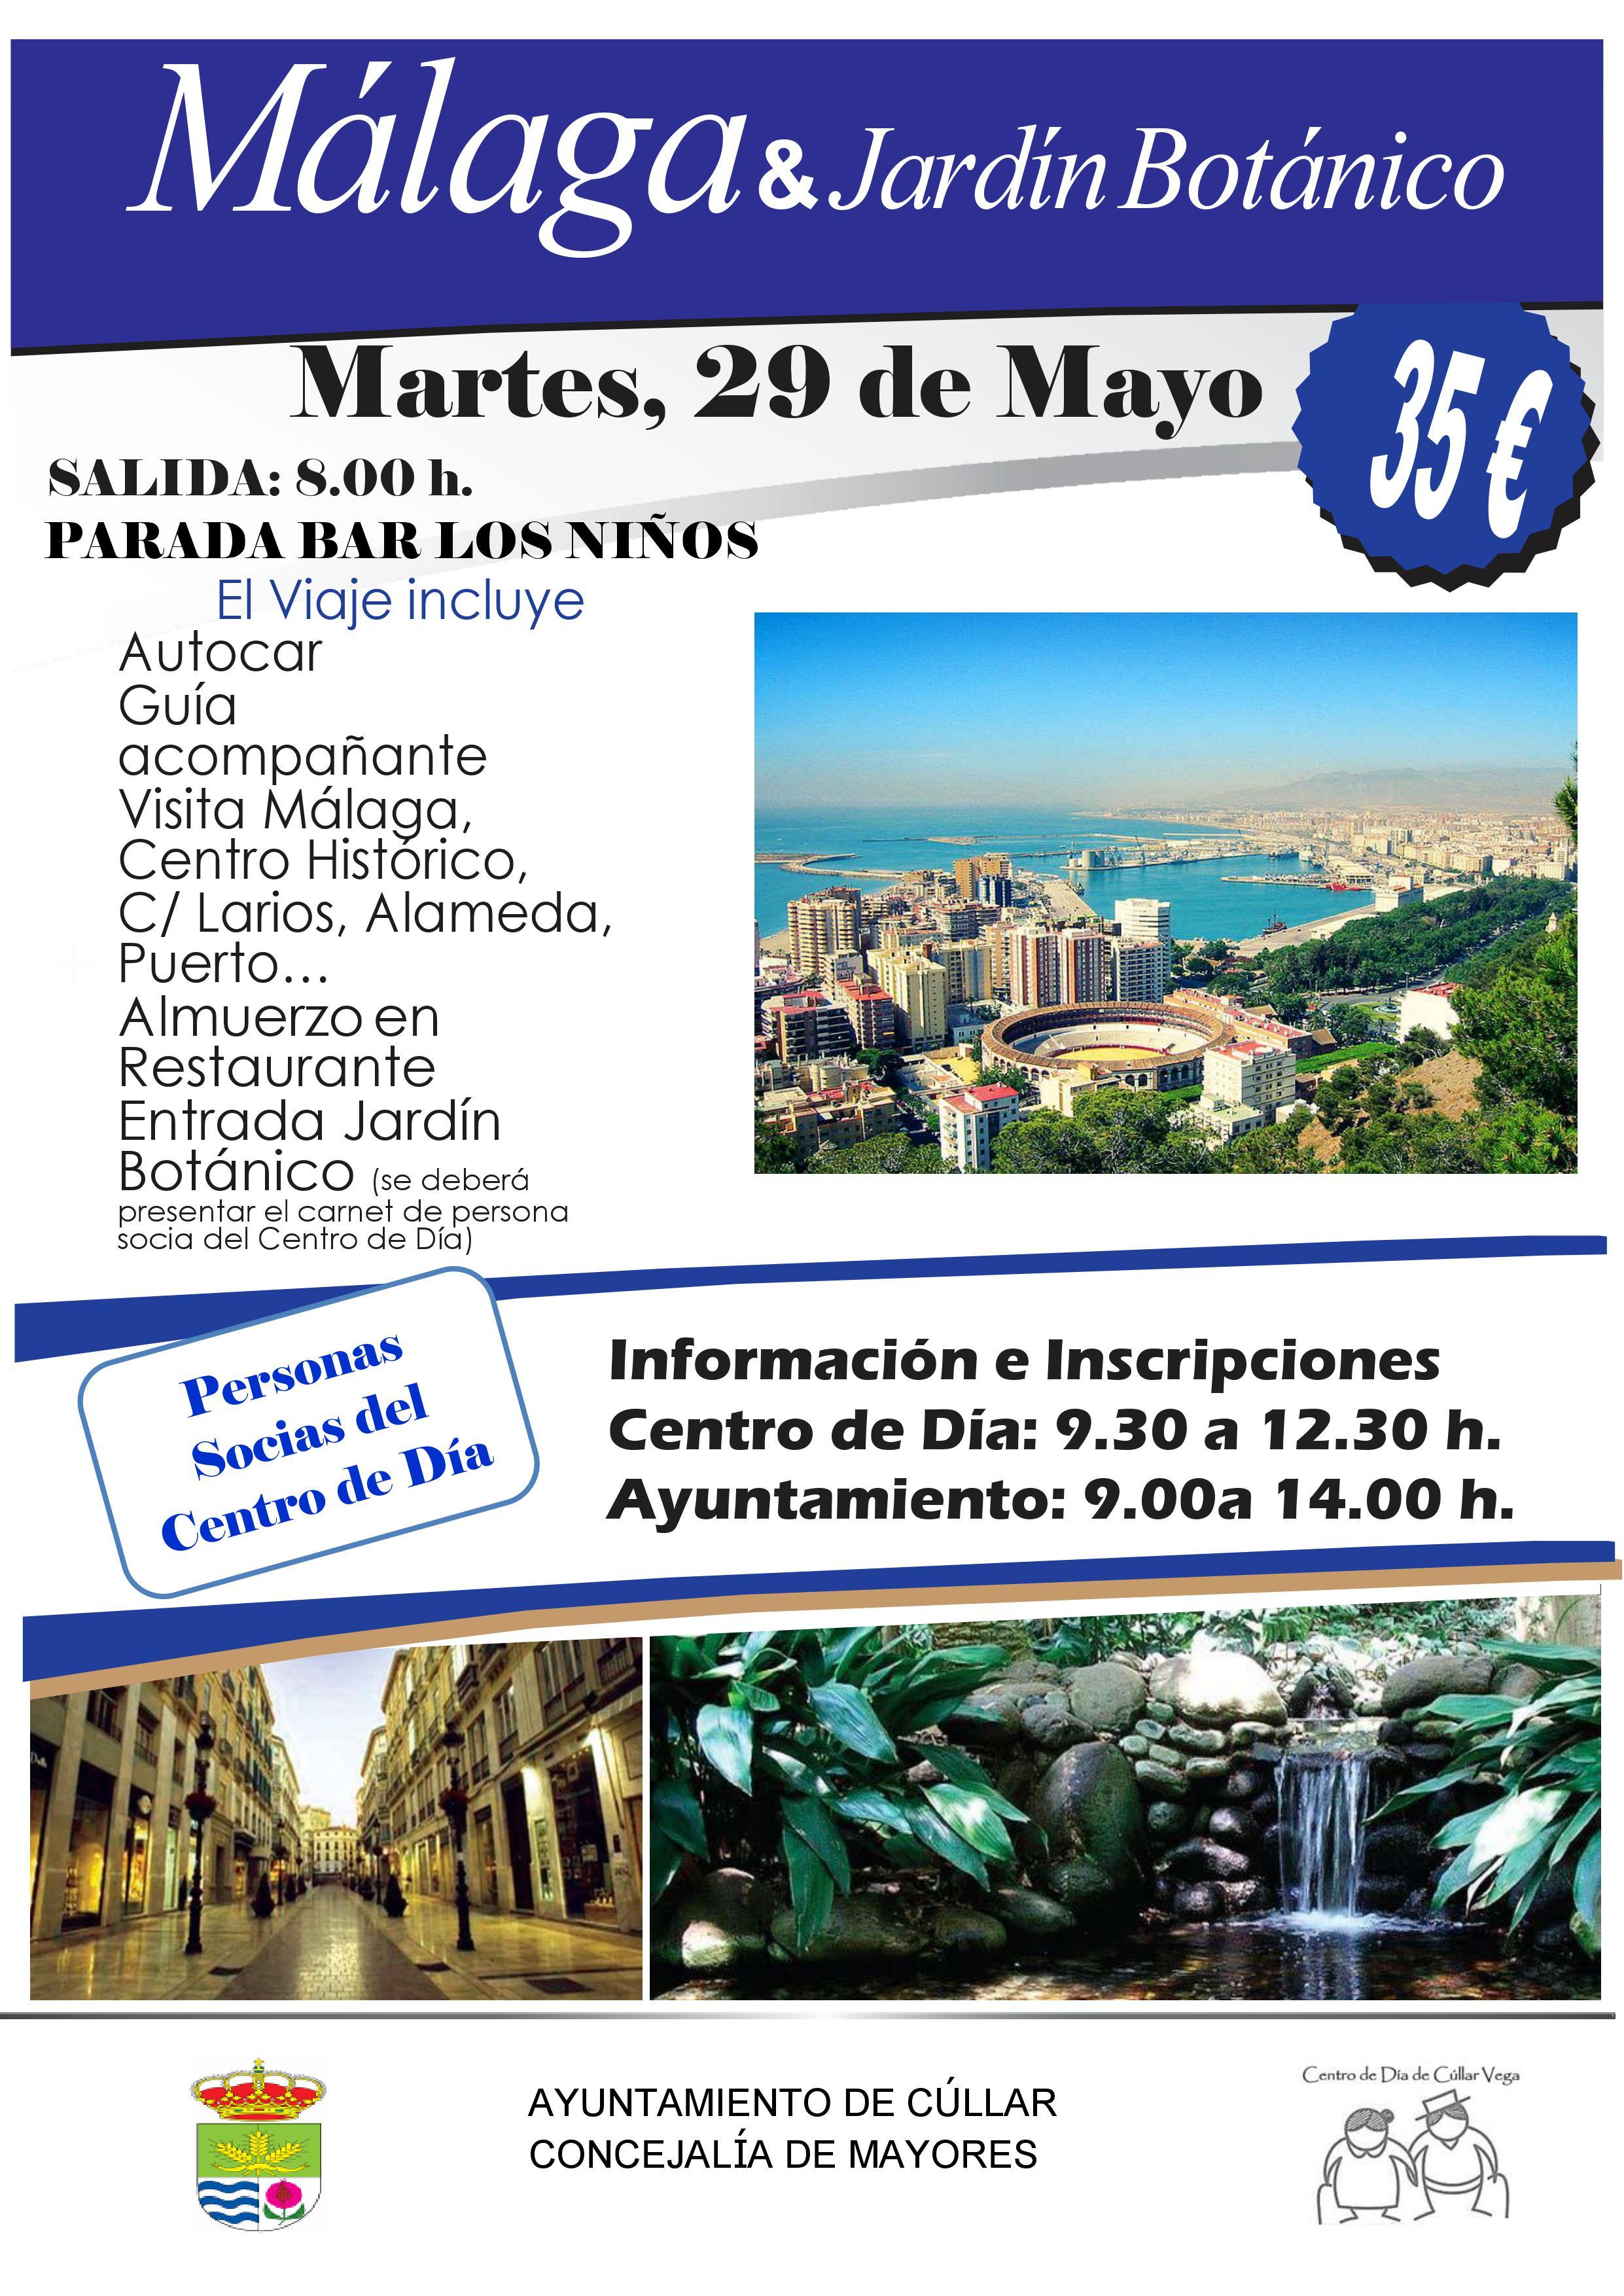 Viaje a Málaga y Jardín Botánico para Soci@s del Centro de Día